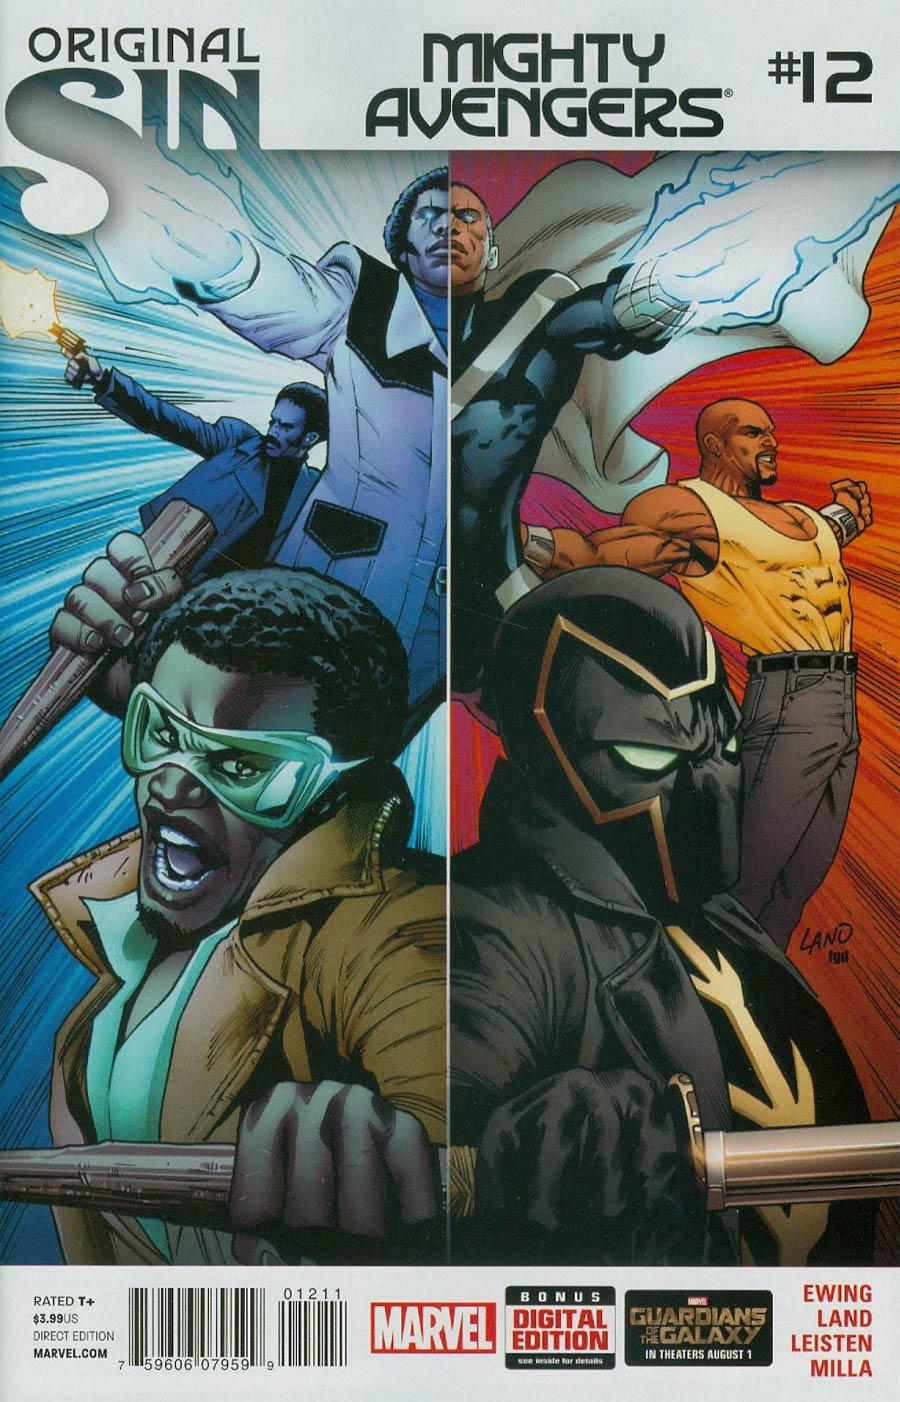 Mighty Avengers Vol 2 #12 (Original Sin Tie-In)